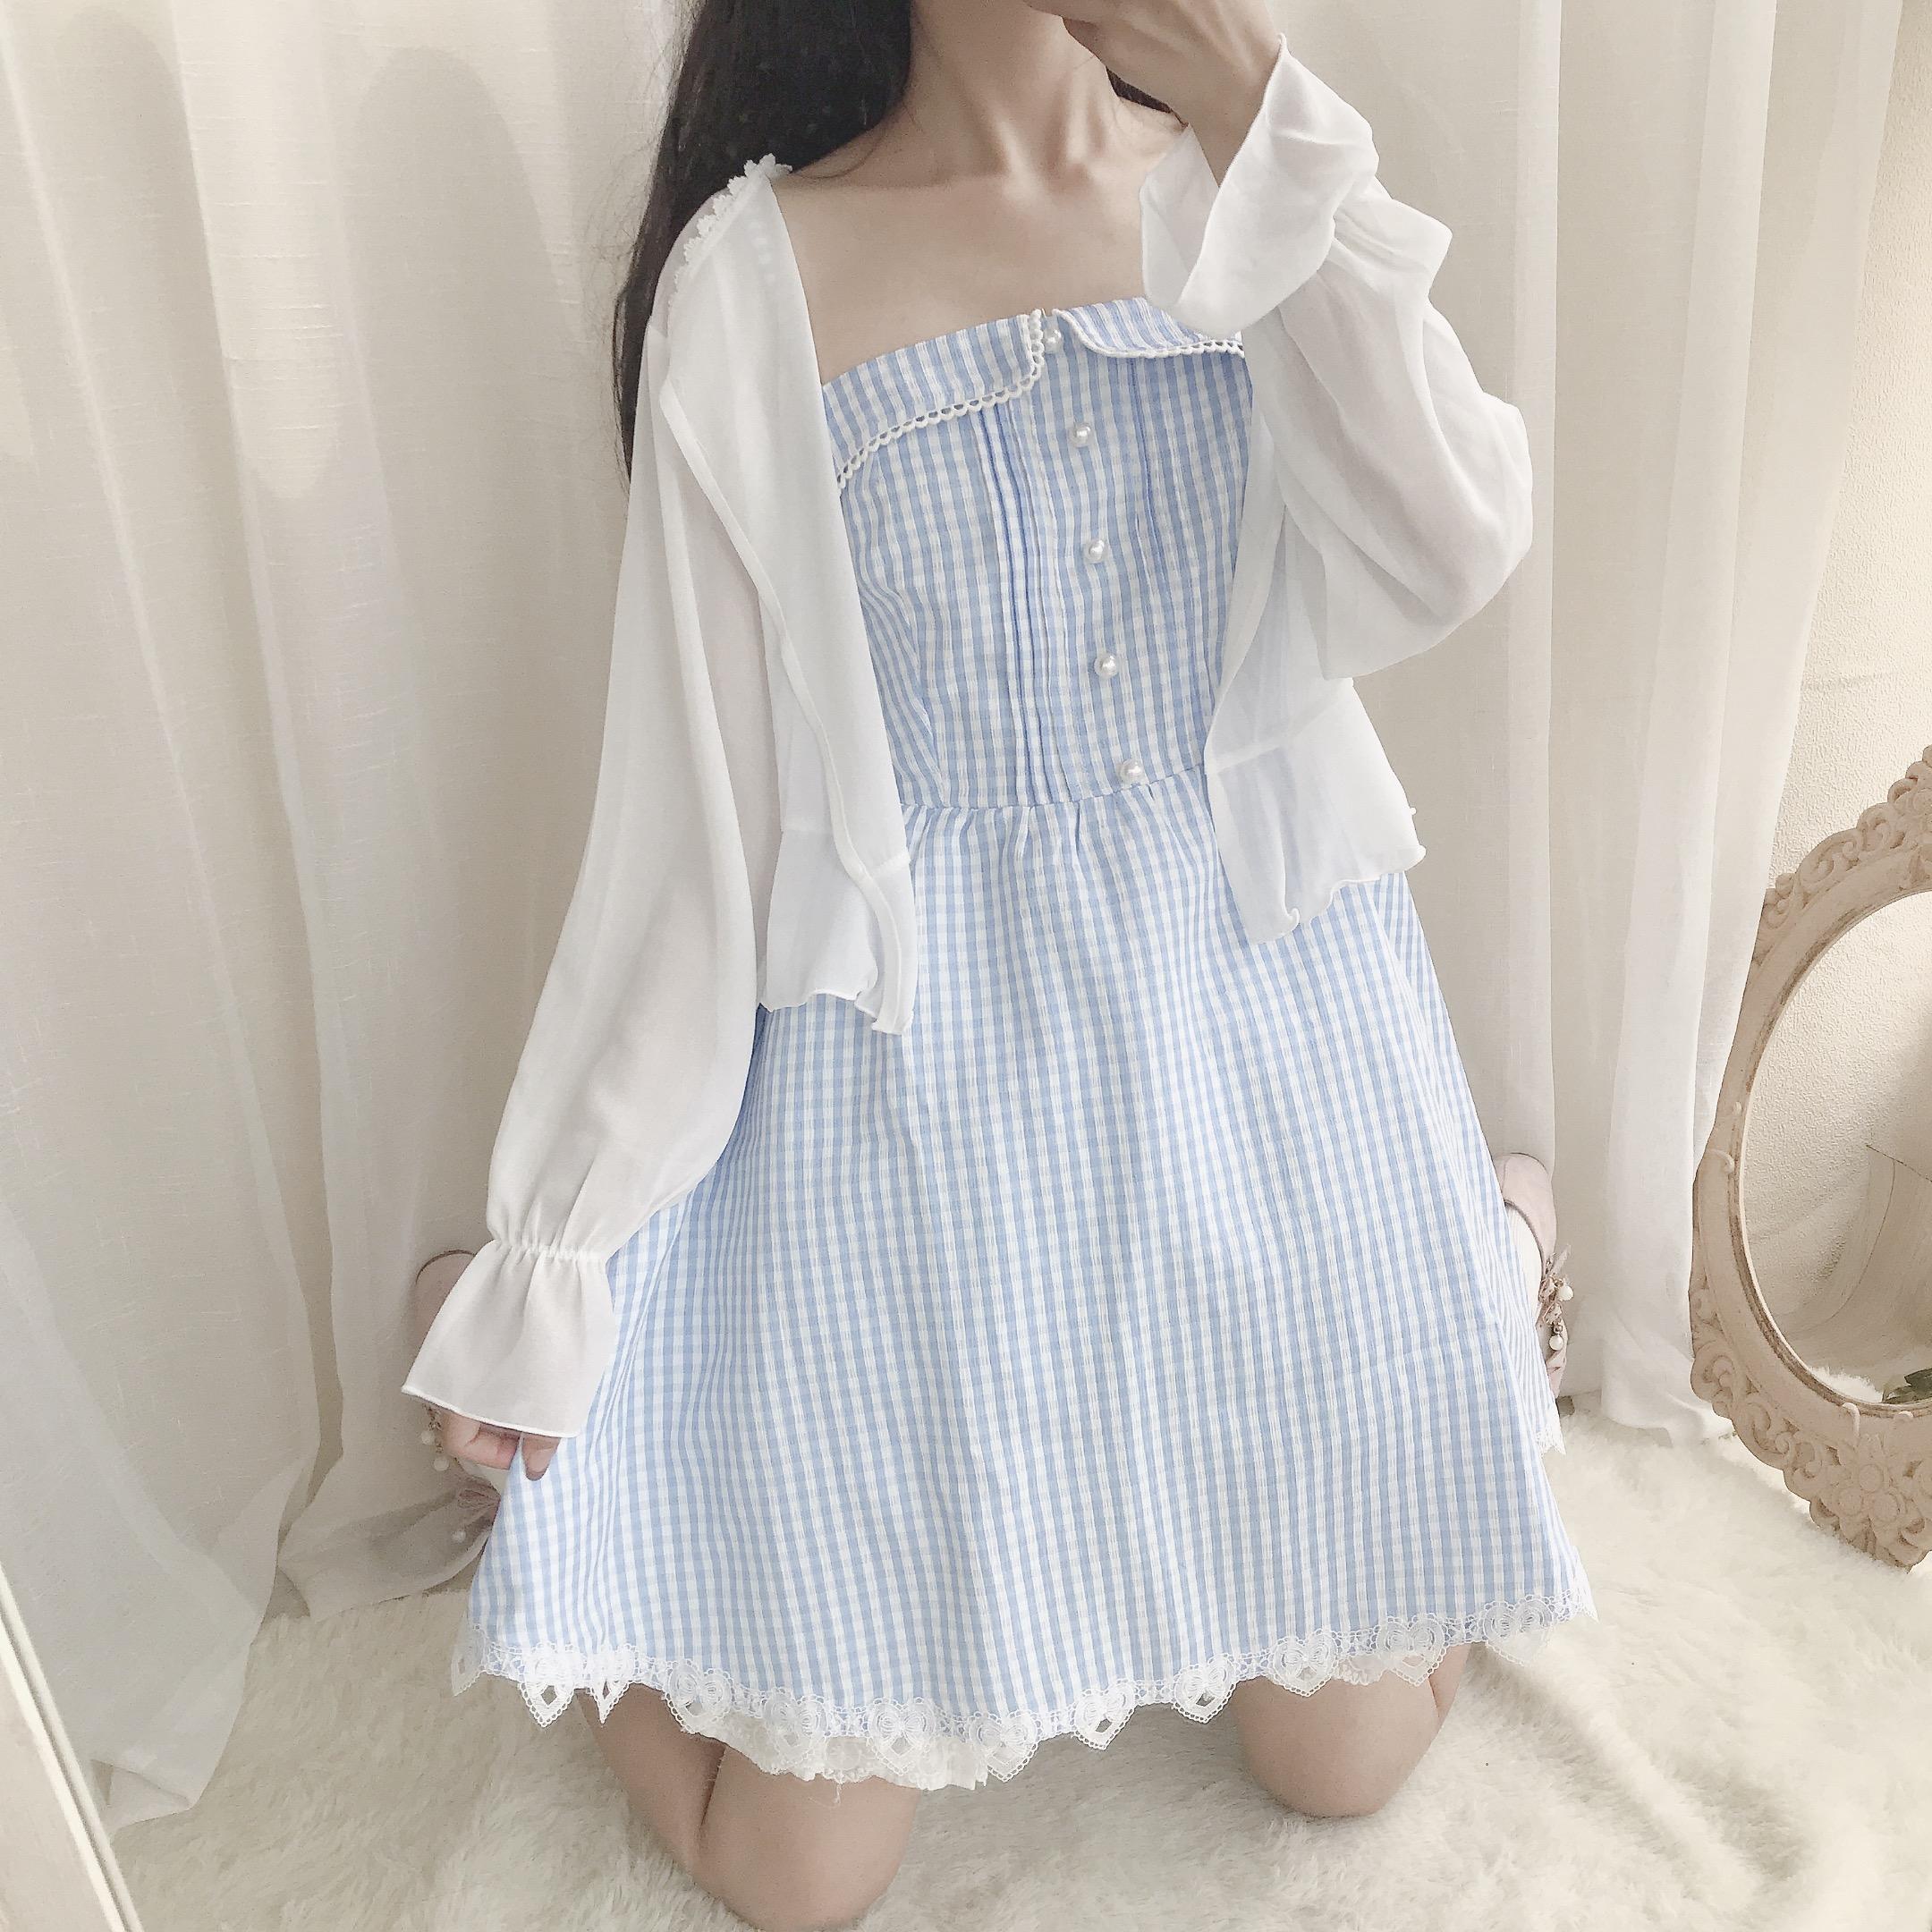 【格子物】初恋的味道蓝色格子温柔夏天吊带蕾丝花边珍珠连衣裙